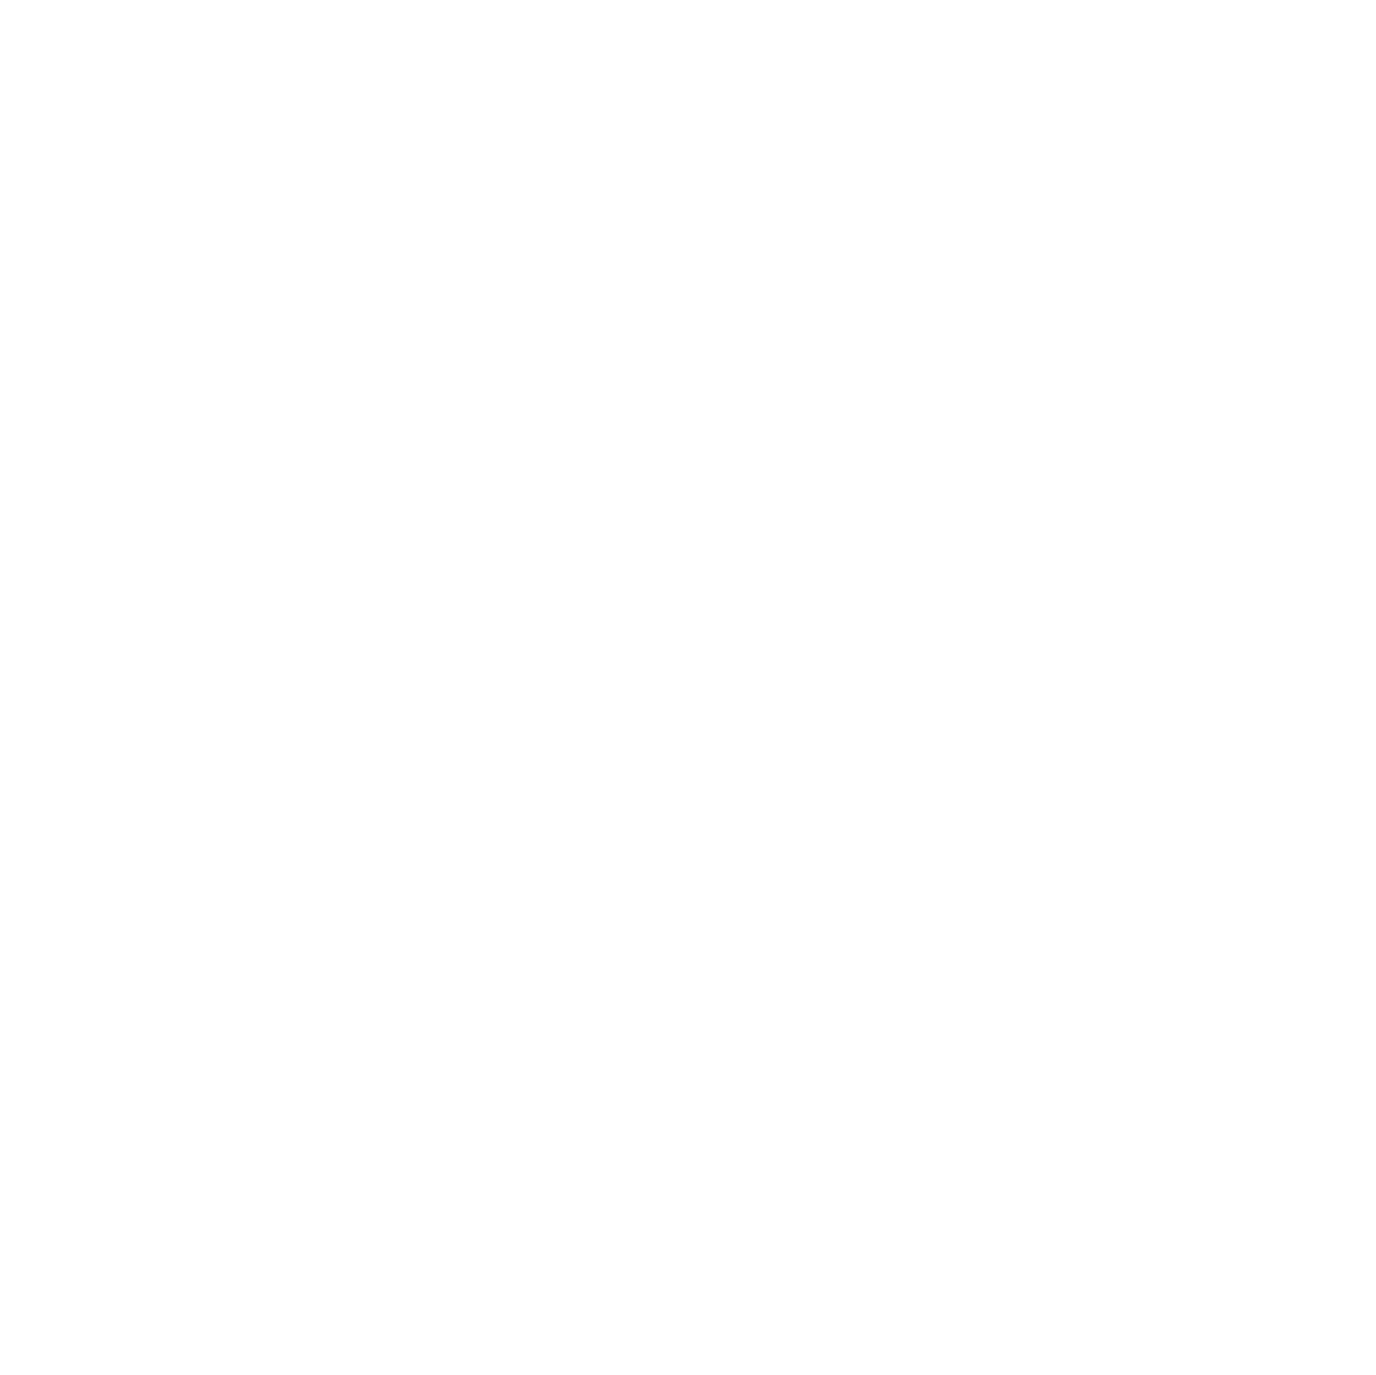 David Allard Martin